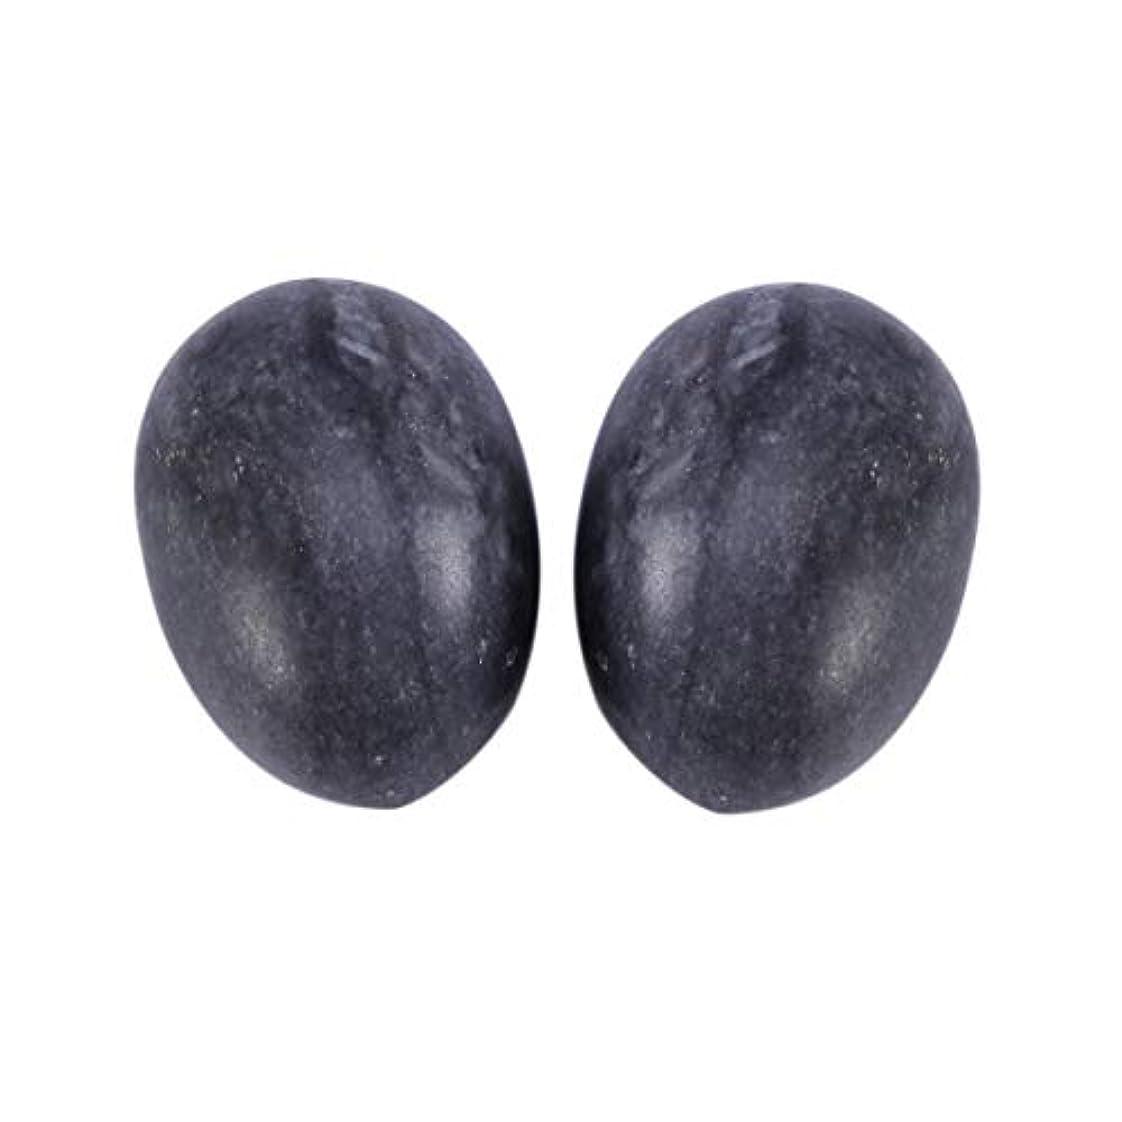 バース電子レンダリングHealifty 6PCS翡翠Yoni卵マッサージ癒しの石のケゲル運動骨盤底筋運動(黒)